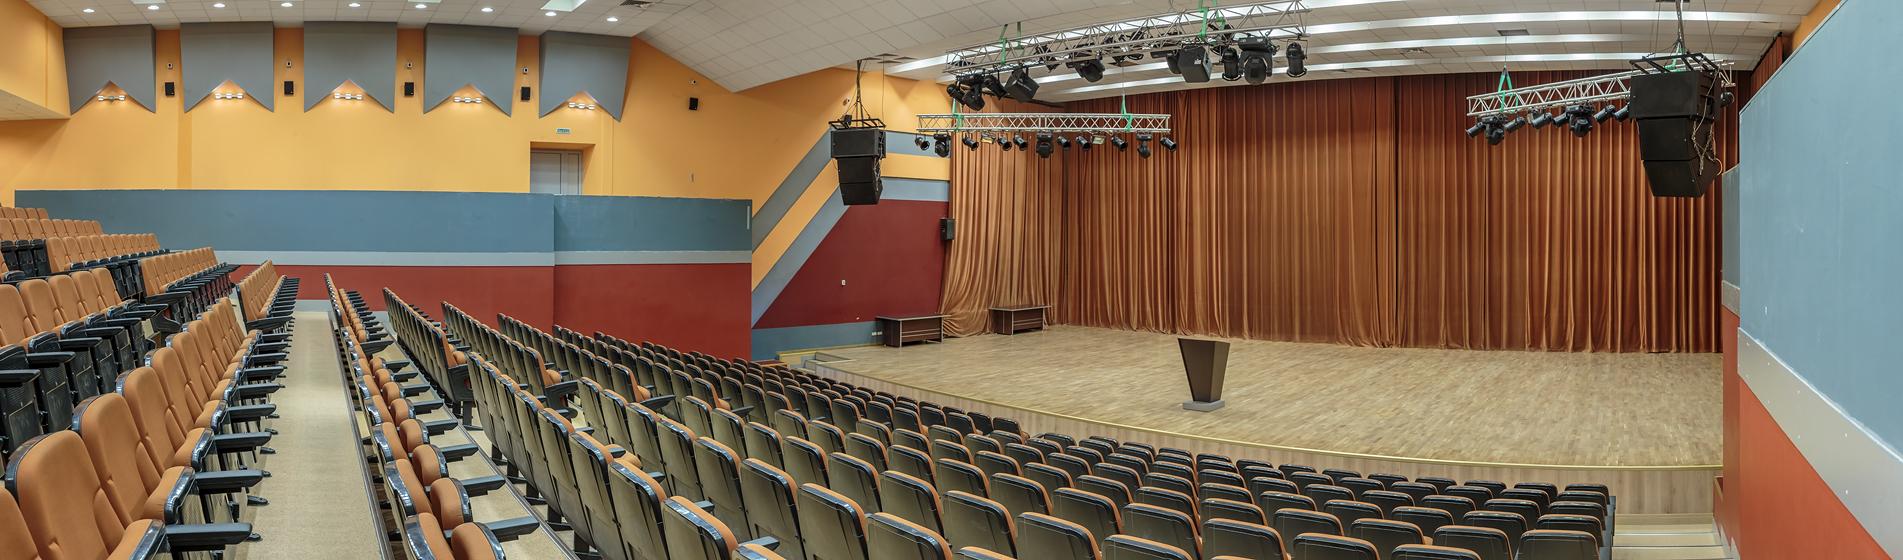 Концертный зал гостиницы ''МОСКОМСПОРТА''